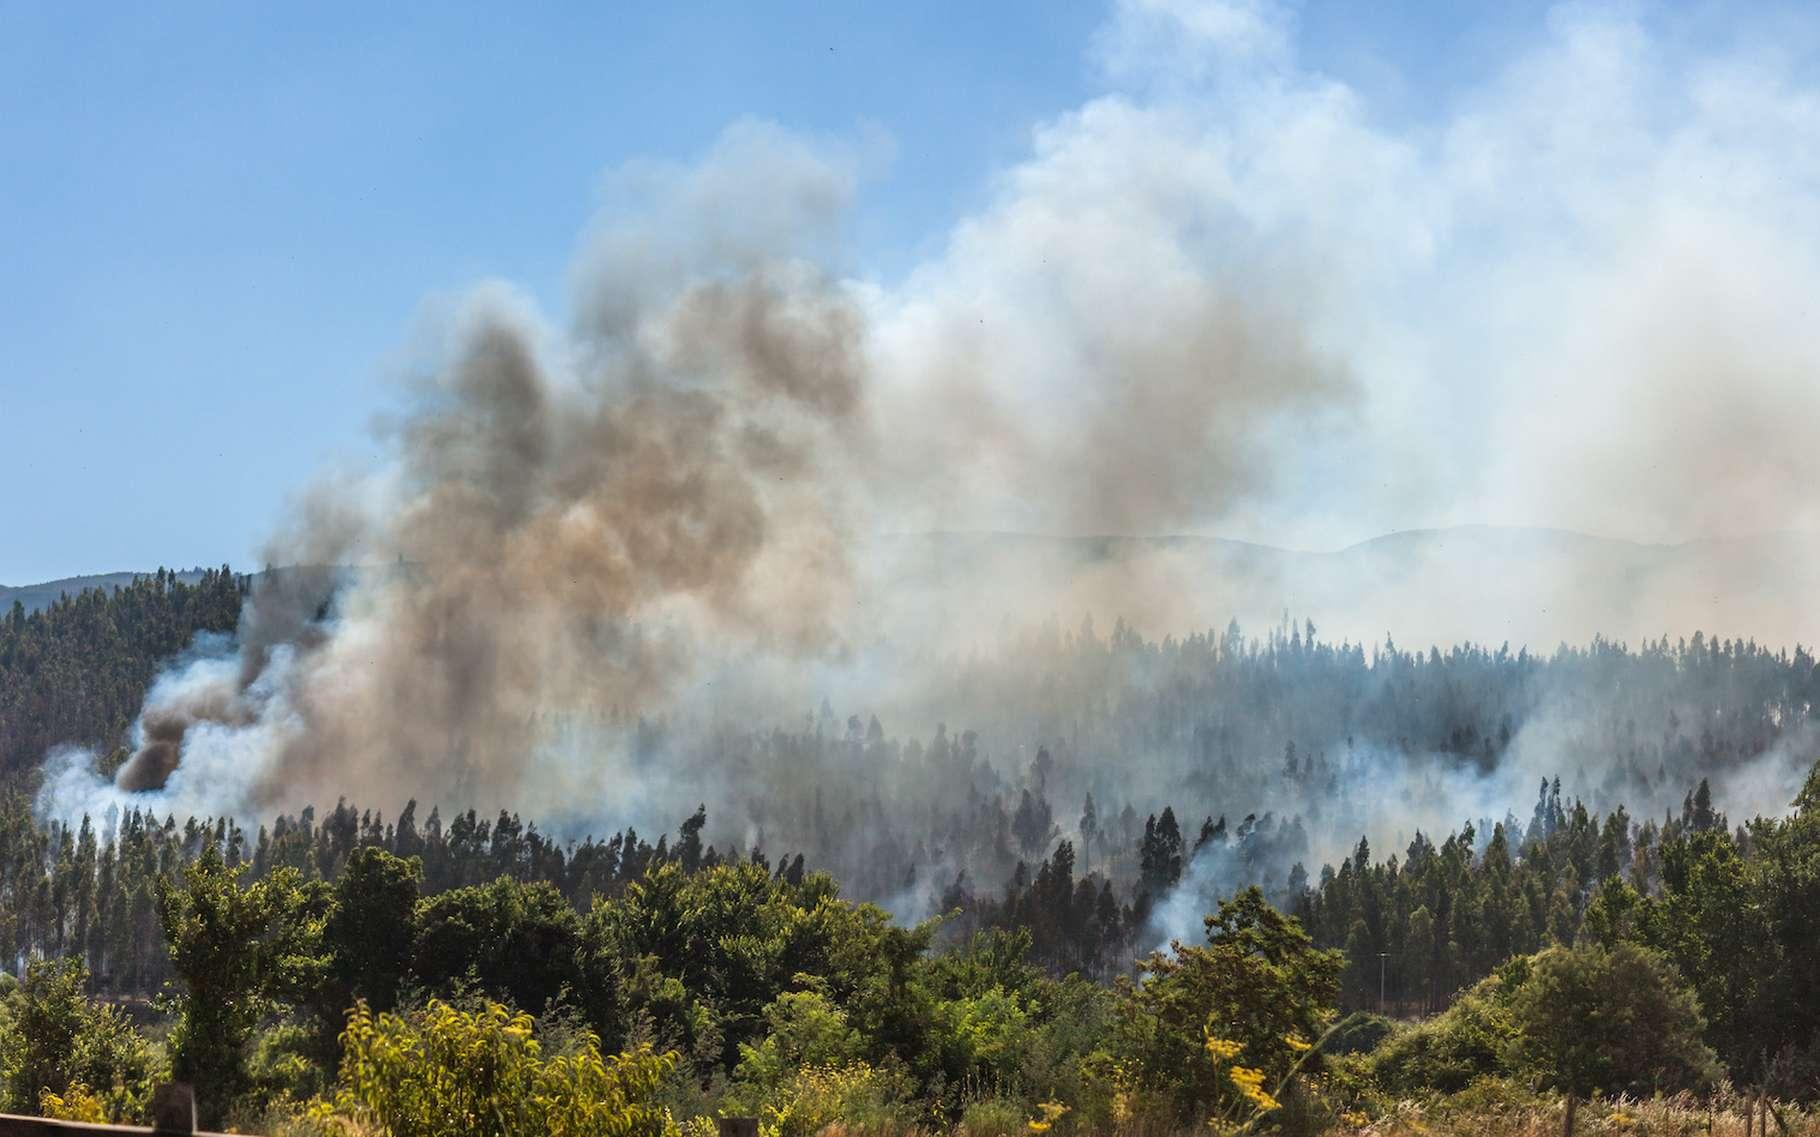 Des chercheurs du NorthWest Research Associates (États-Unis) ont étudié l'effet des fumées issues des feux de forêt sur les nuages et la formation des pluies. © Natalia, Adobe Stock